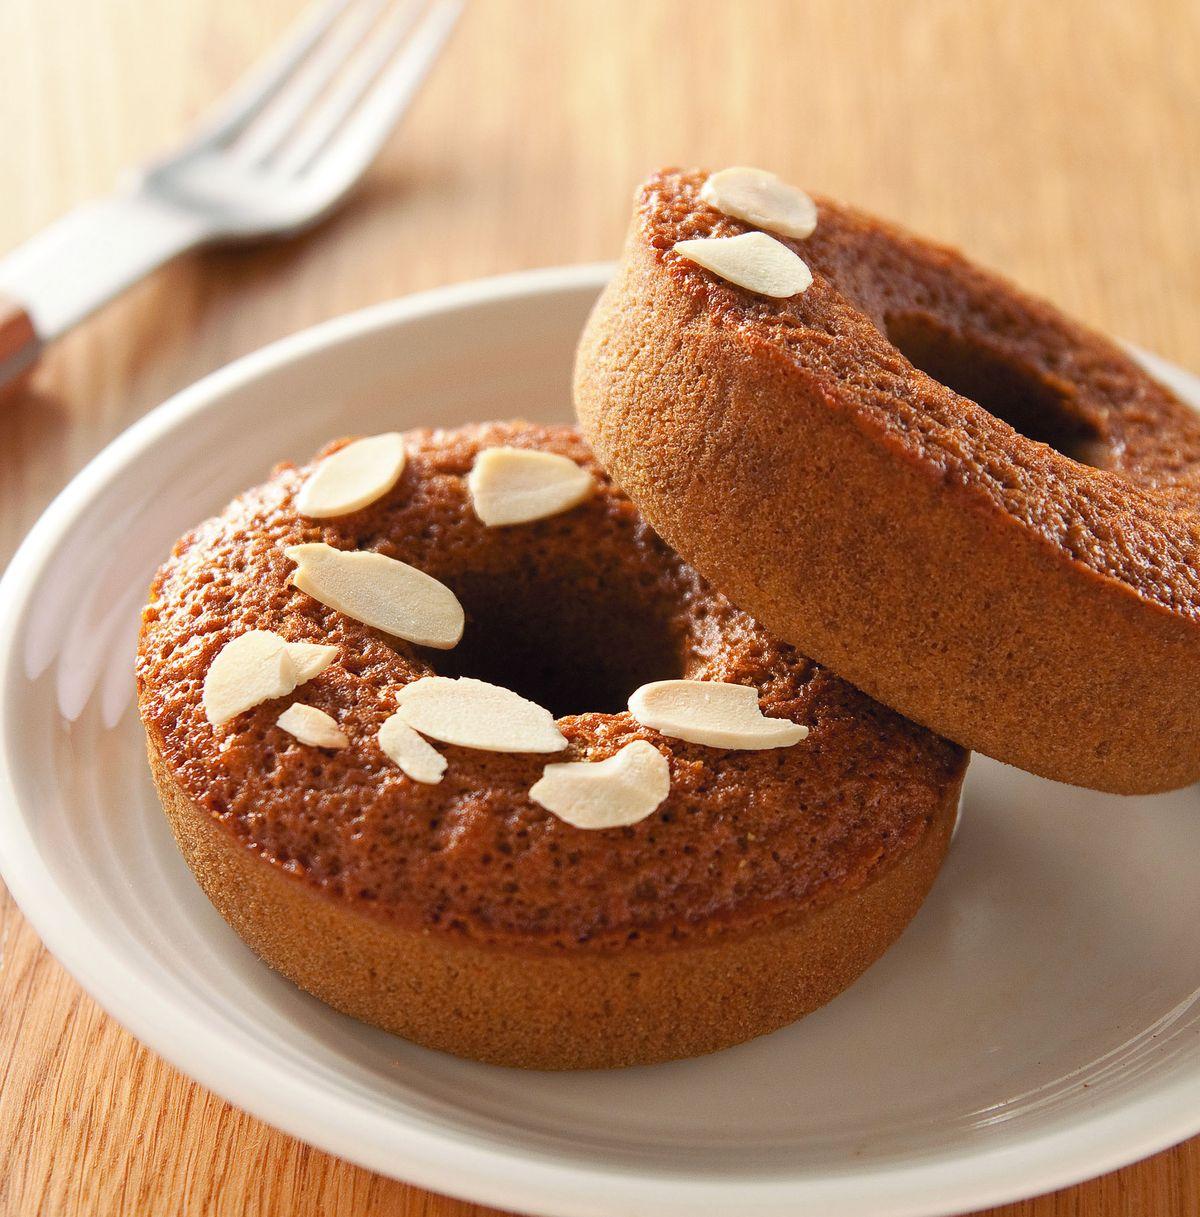 食譜:咖啡甜甜圈